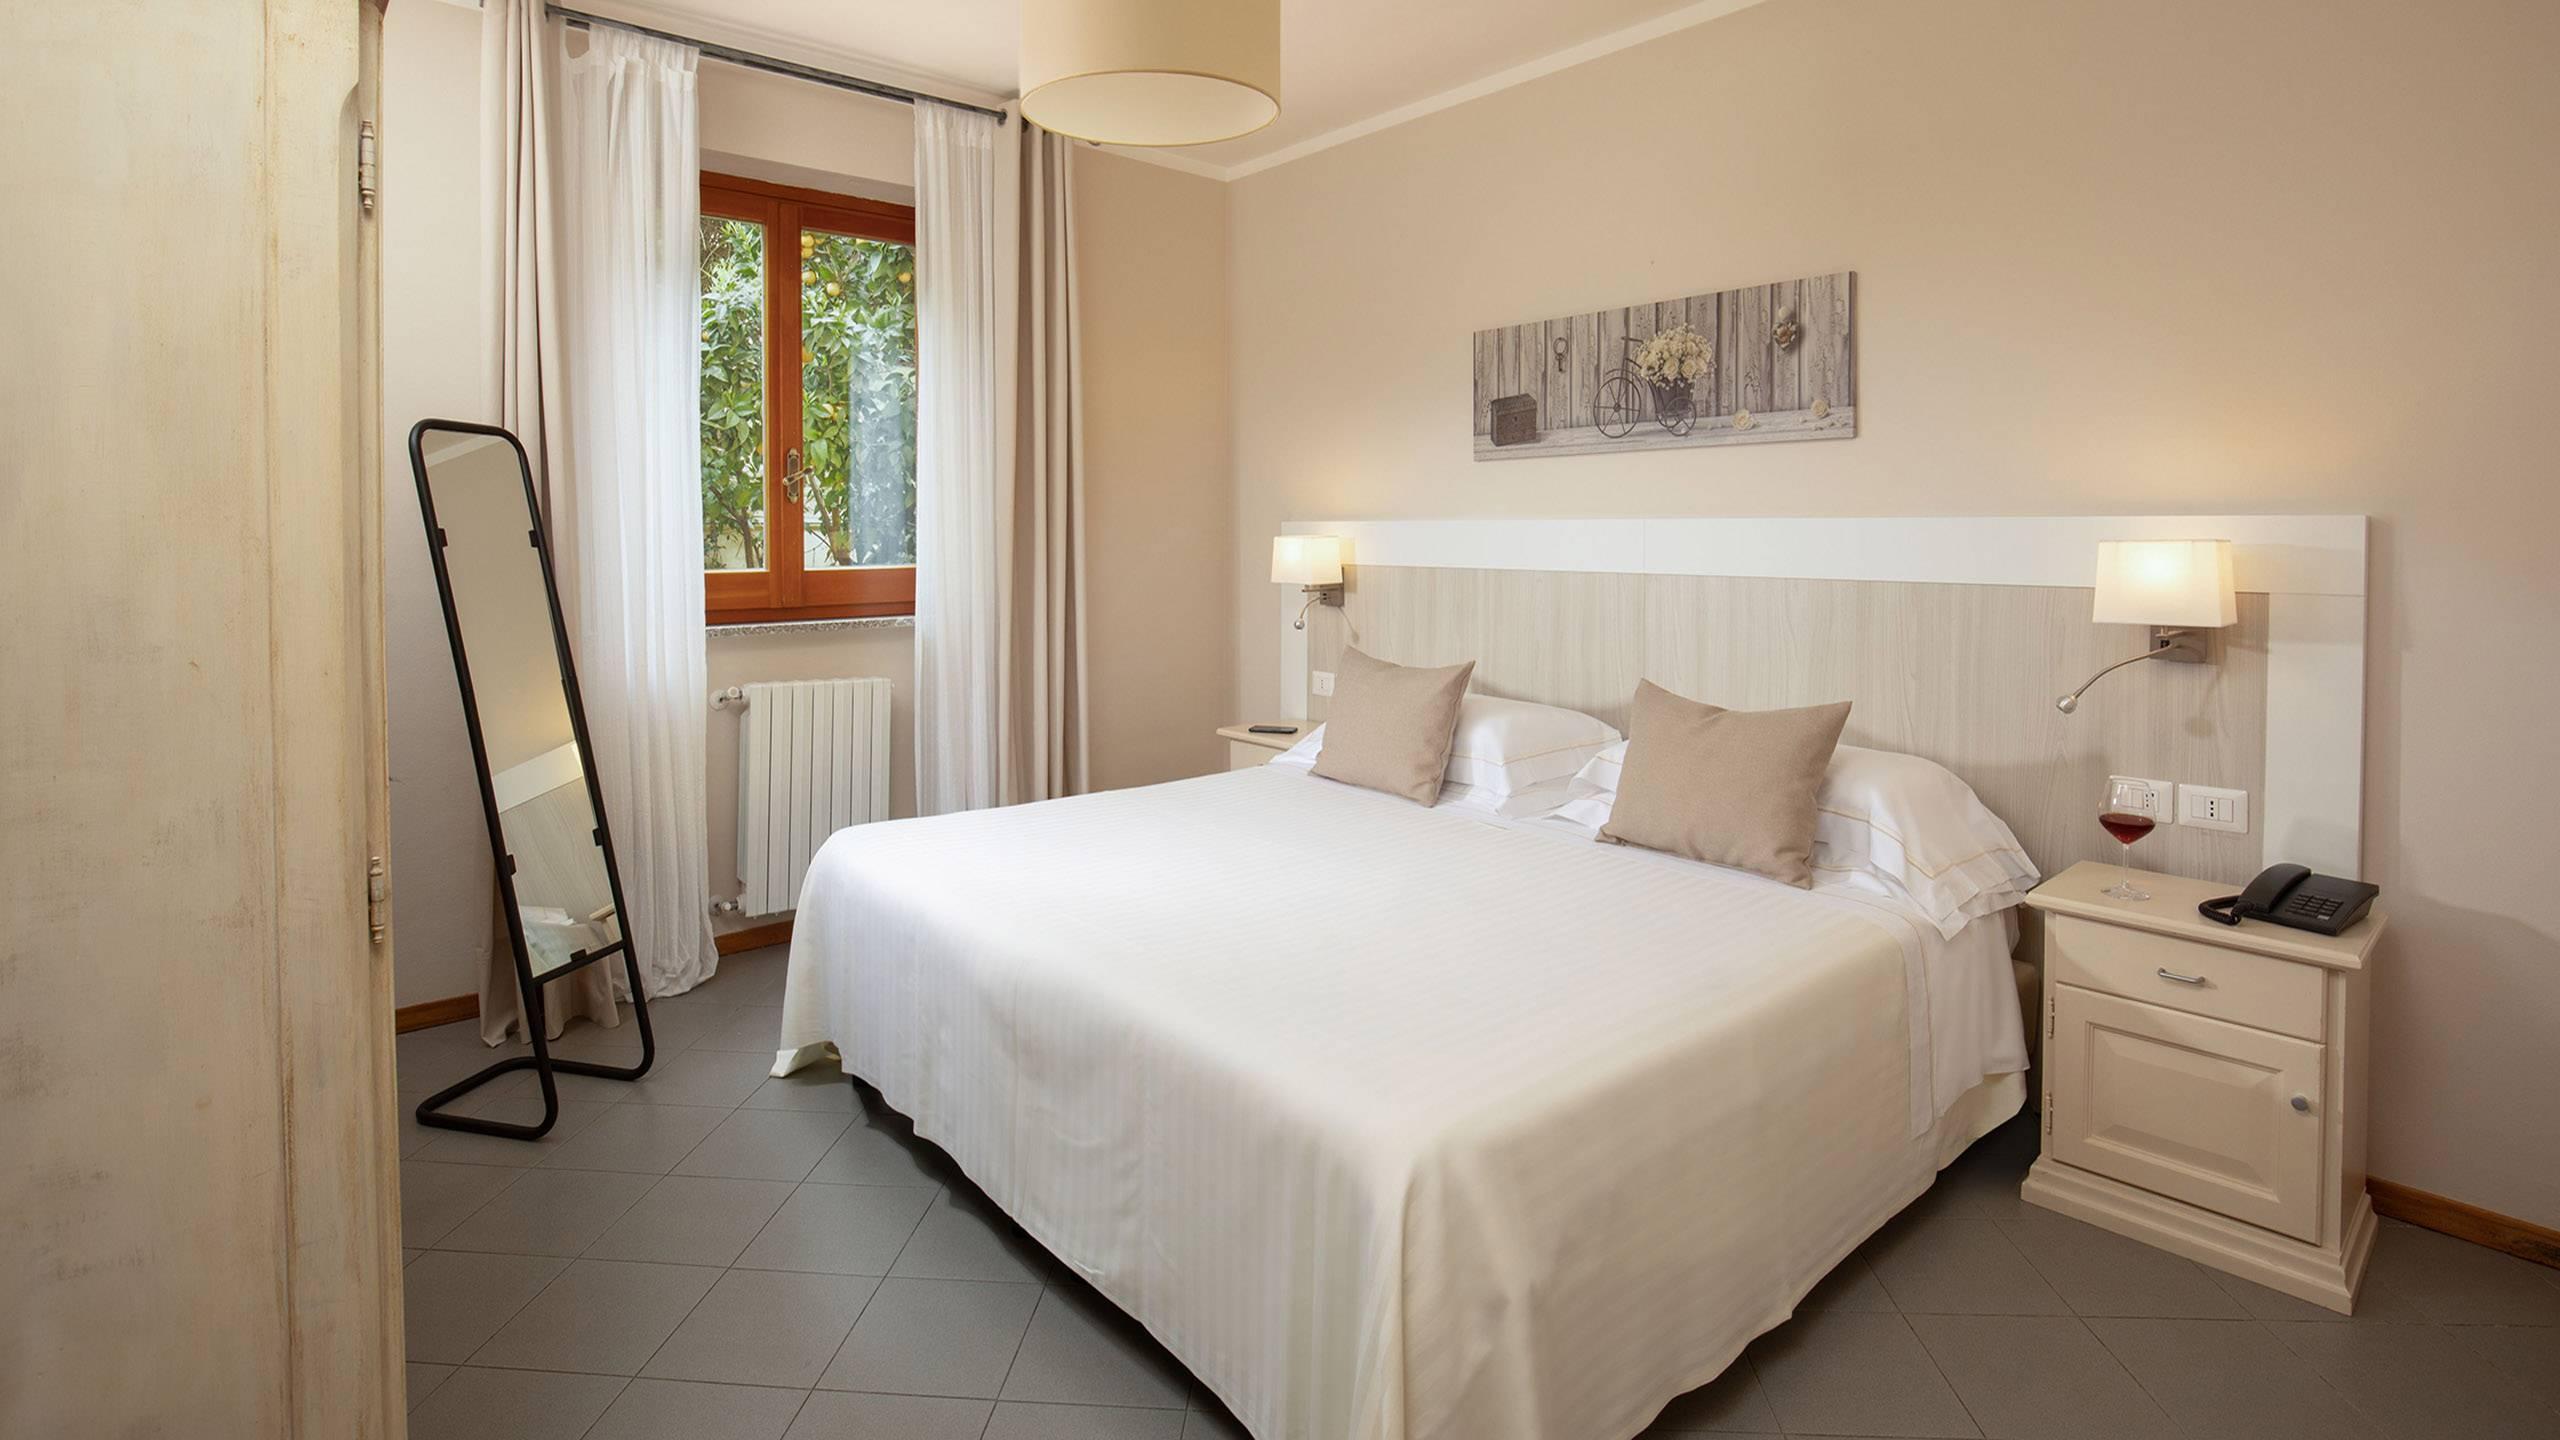 Hotel-Residence-Valle-del-Buttero-Capalbio-Camere-2021-Superior-Piano-Terra-letto-1